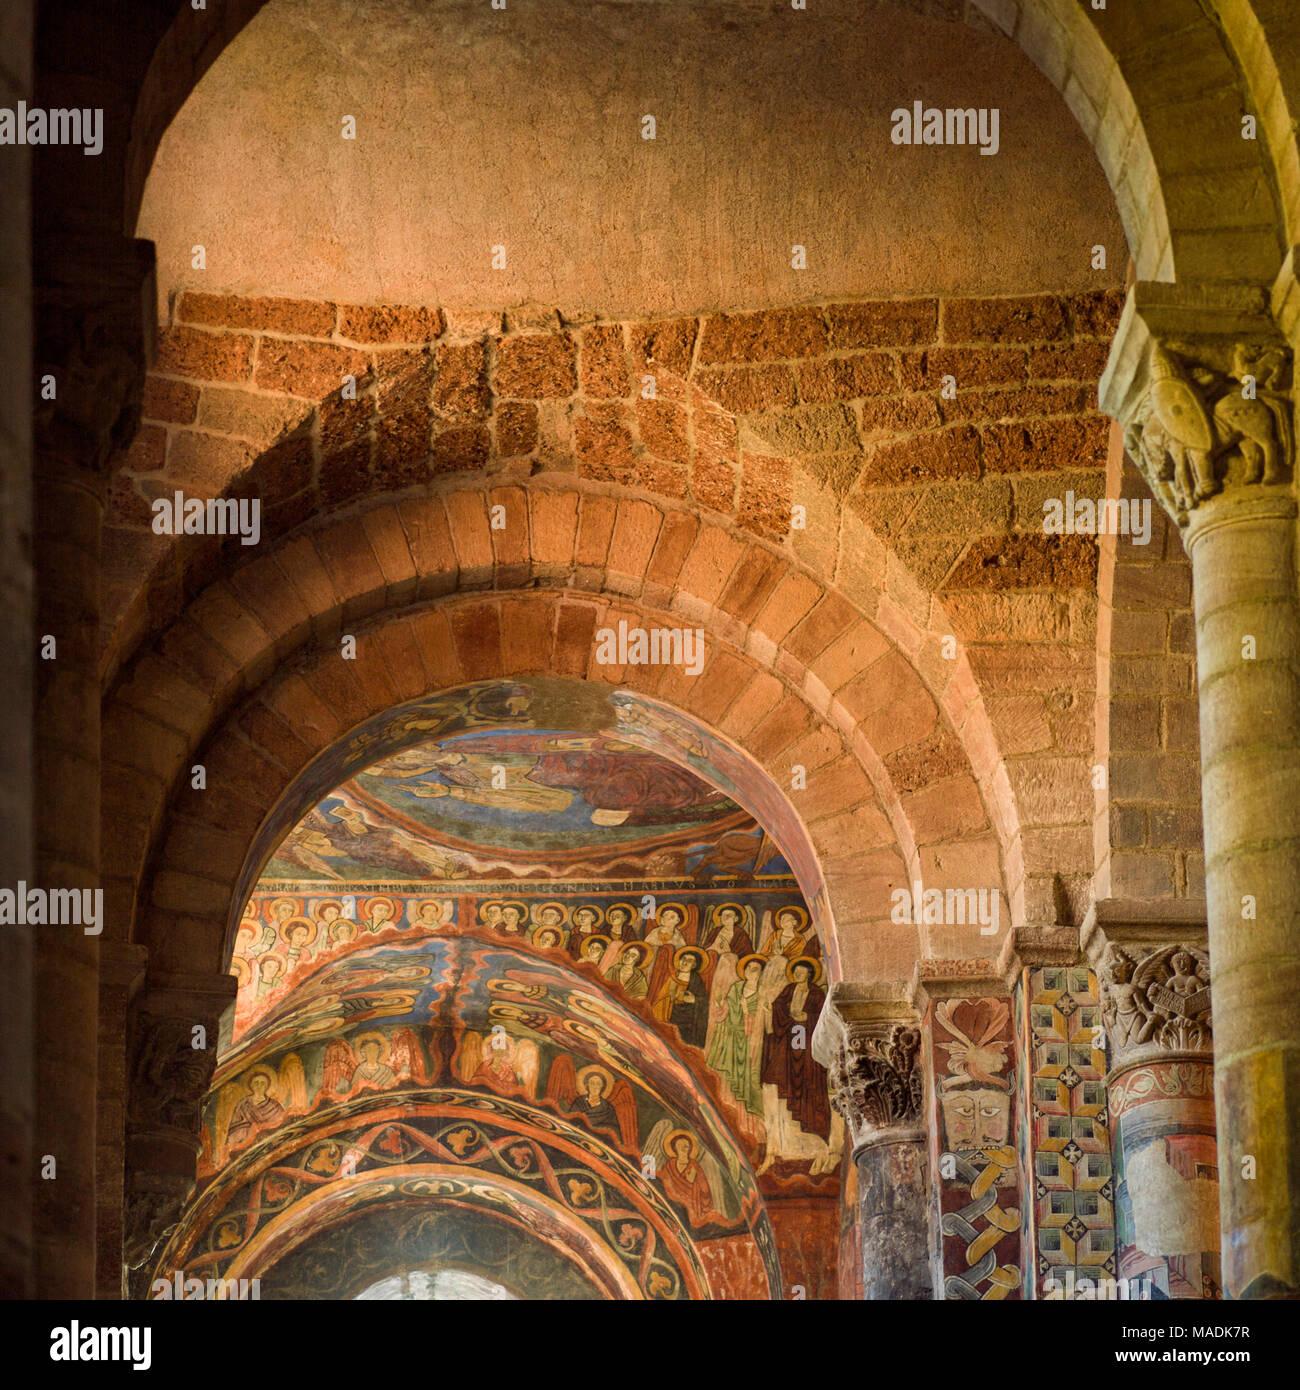 Frescoes. Basilica Saint Julien. Brioude. Auvergne. France - Stock Image